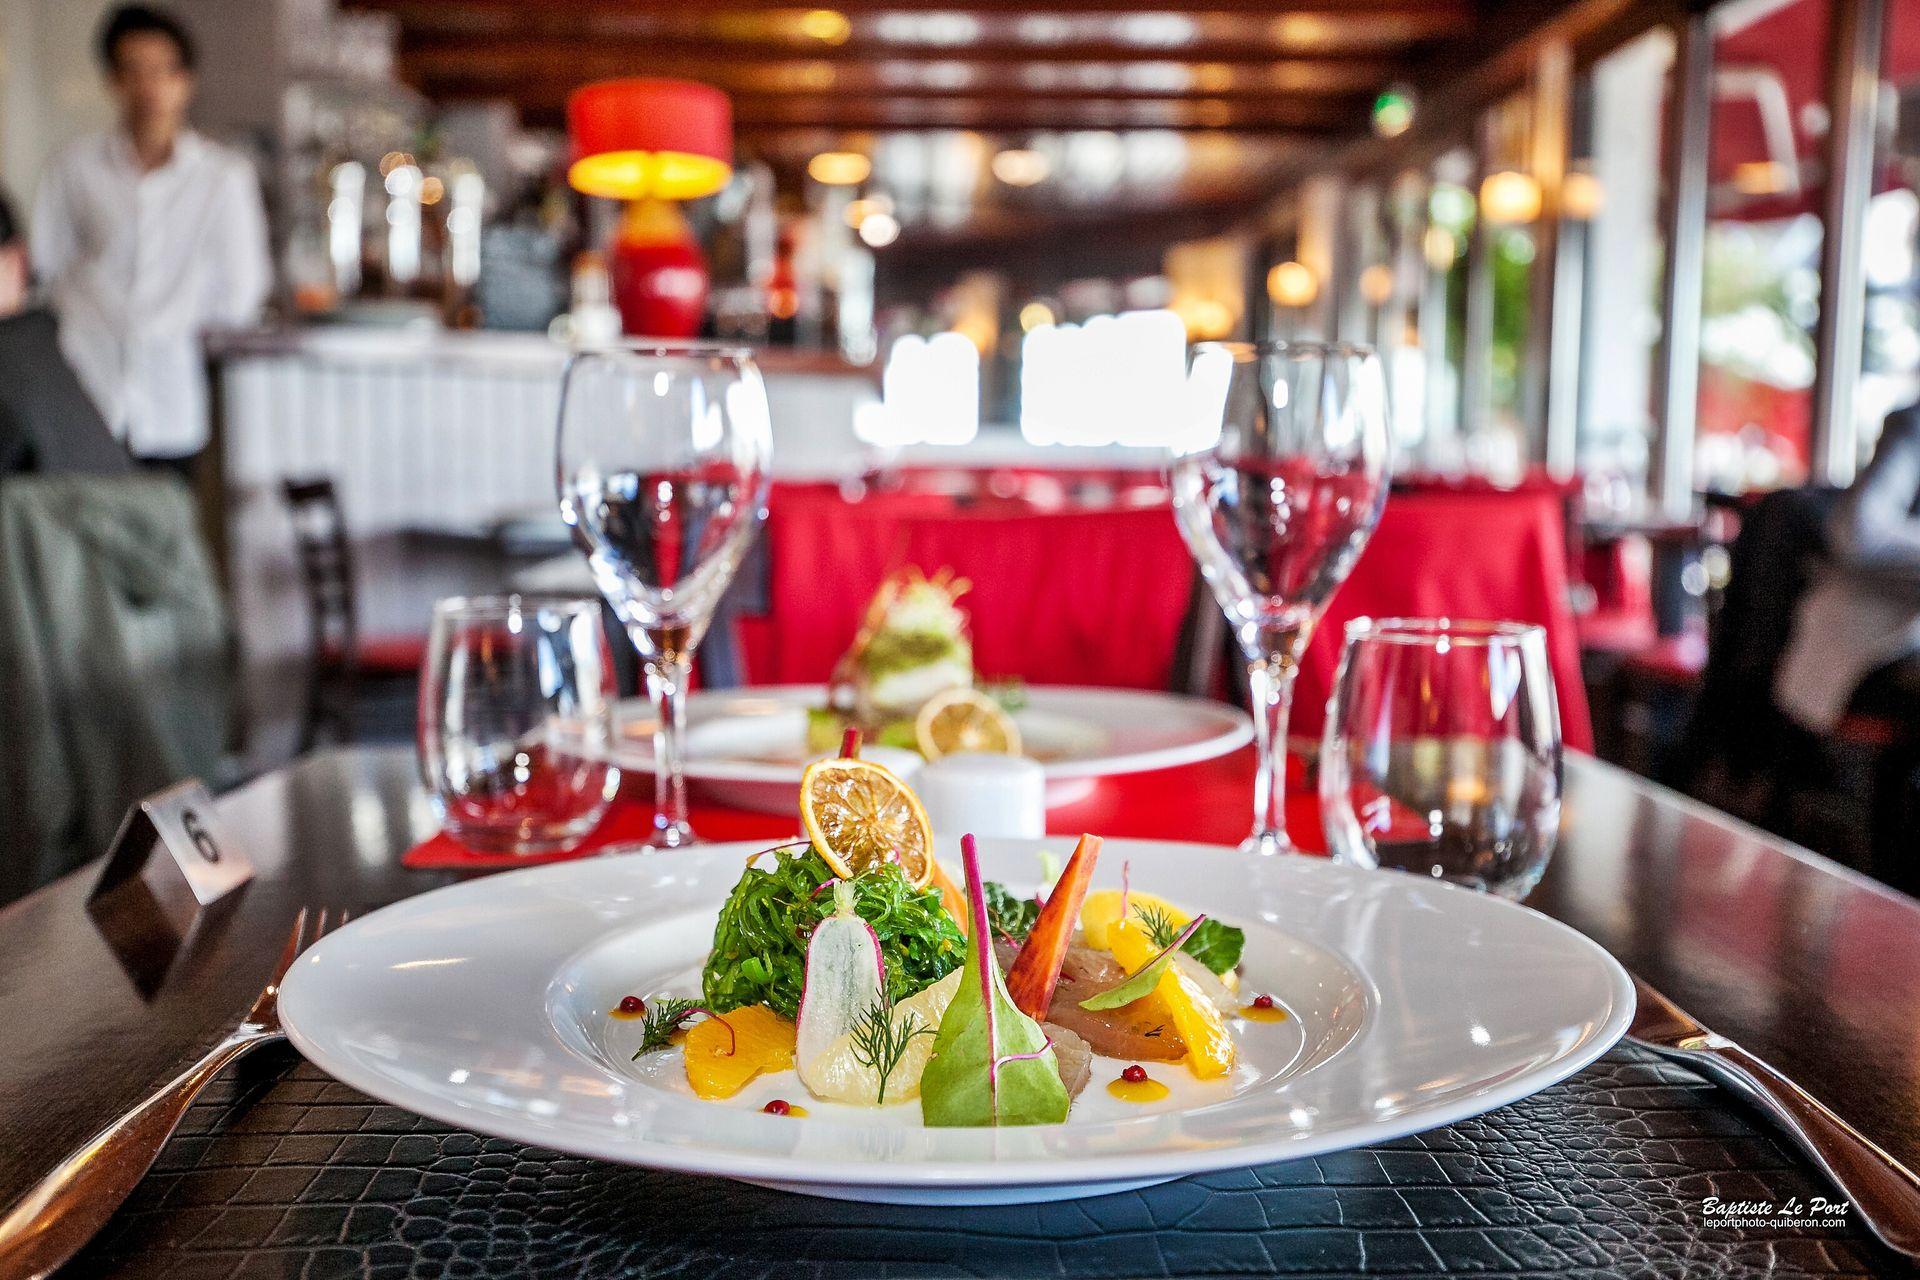 Cuisine-Bistronomique-restaurant-lAtlantique-Quiberon-15-1